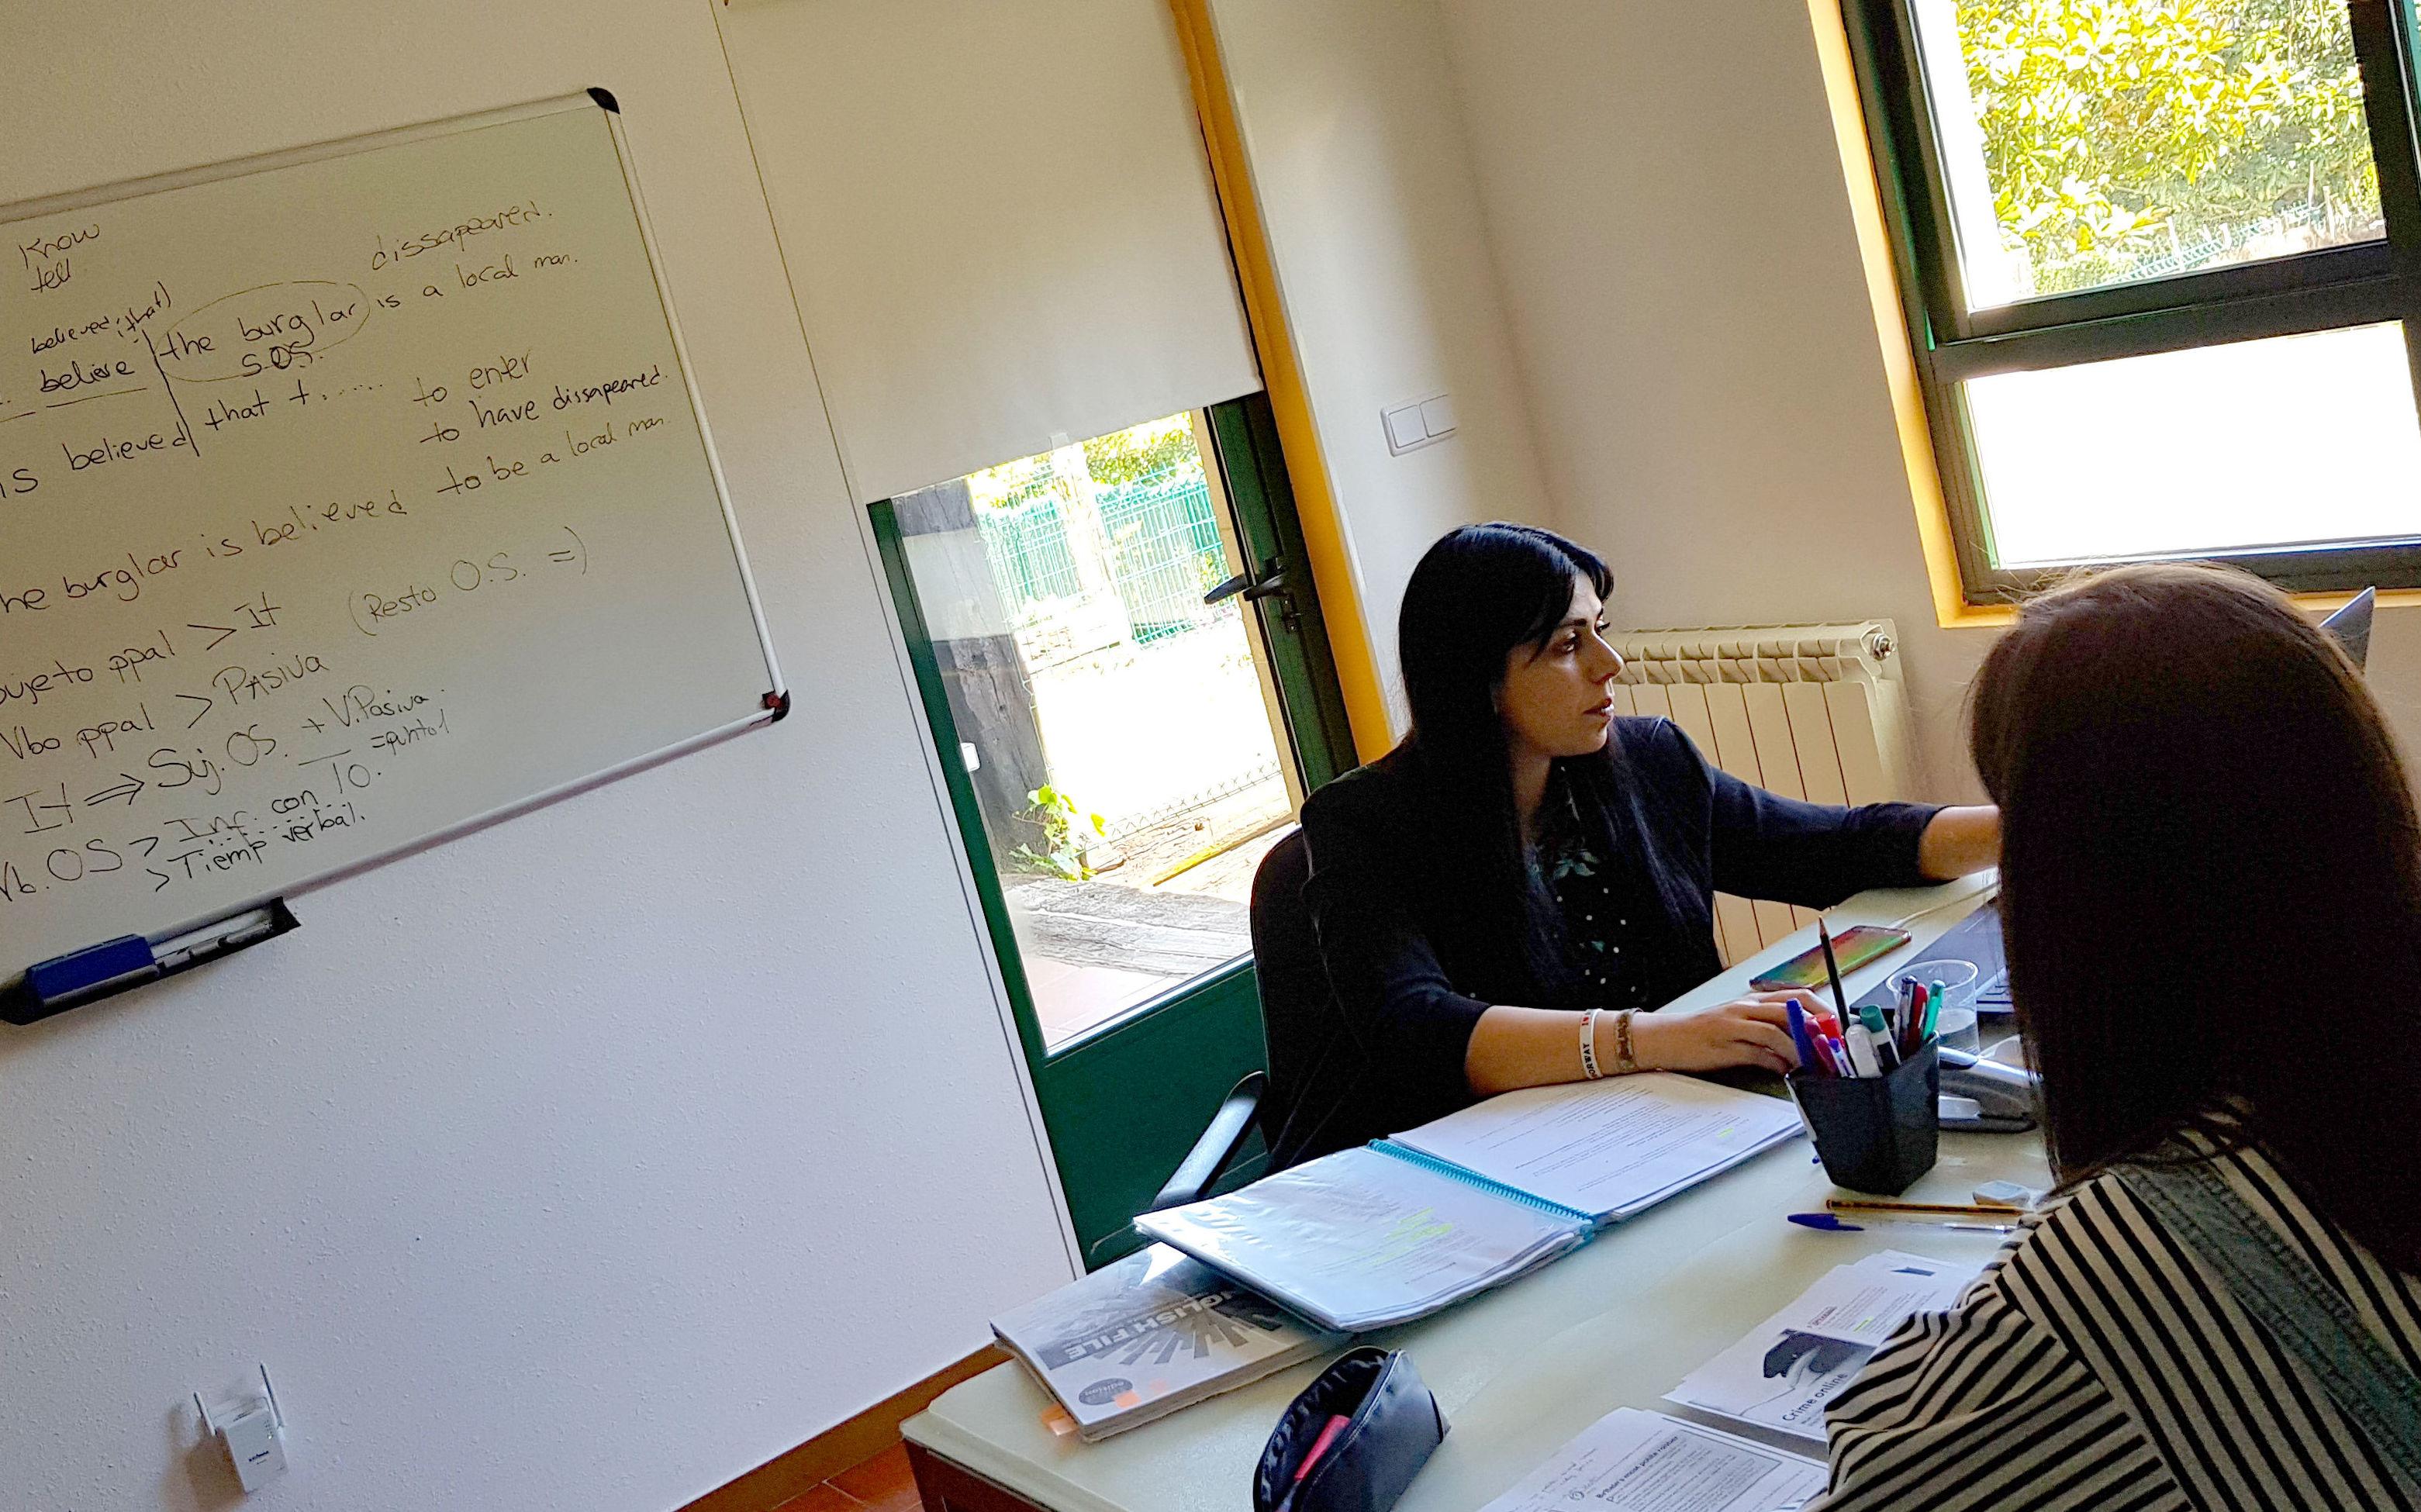 Foto 10 de Academia de idiomas en La Coruña | SBC Global Training